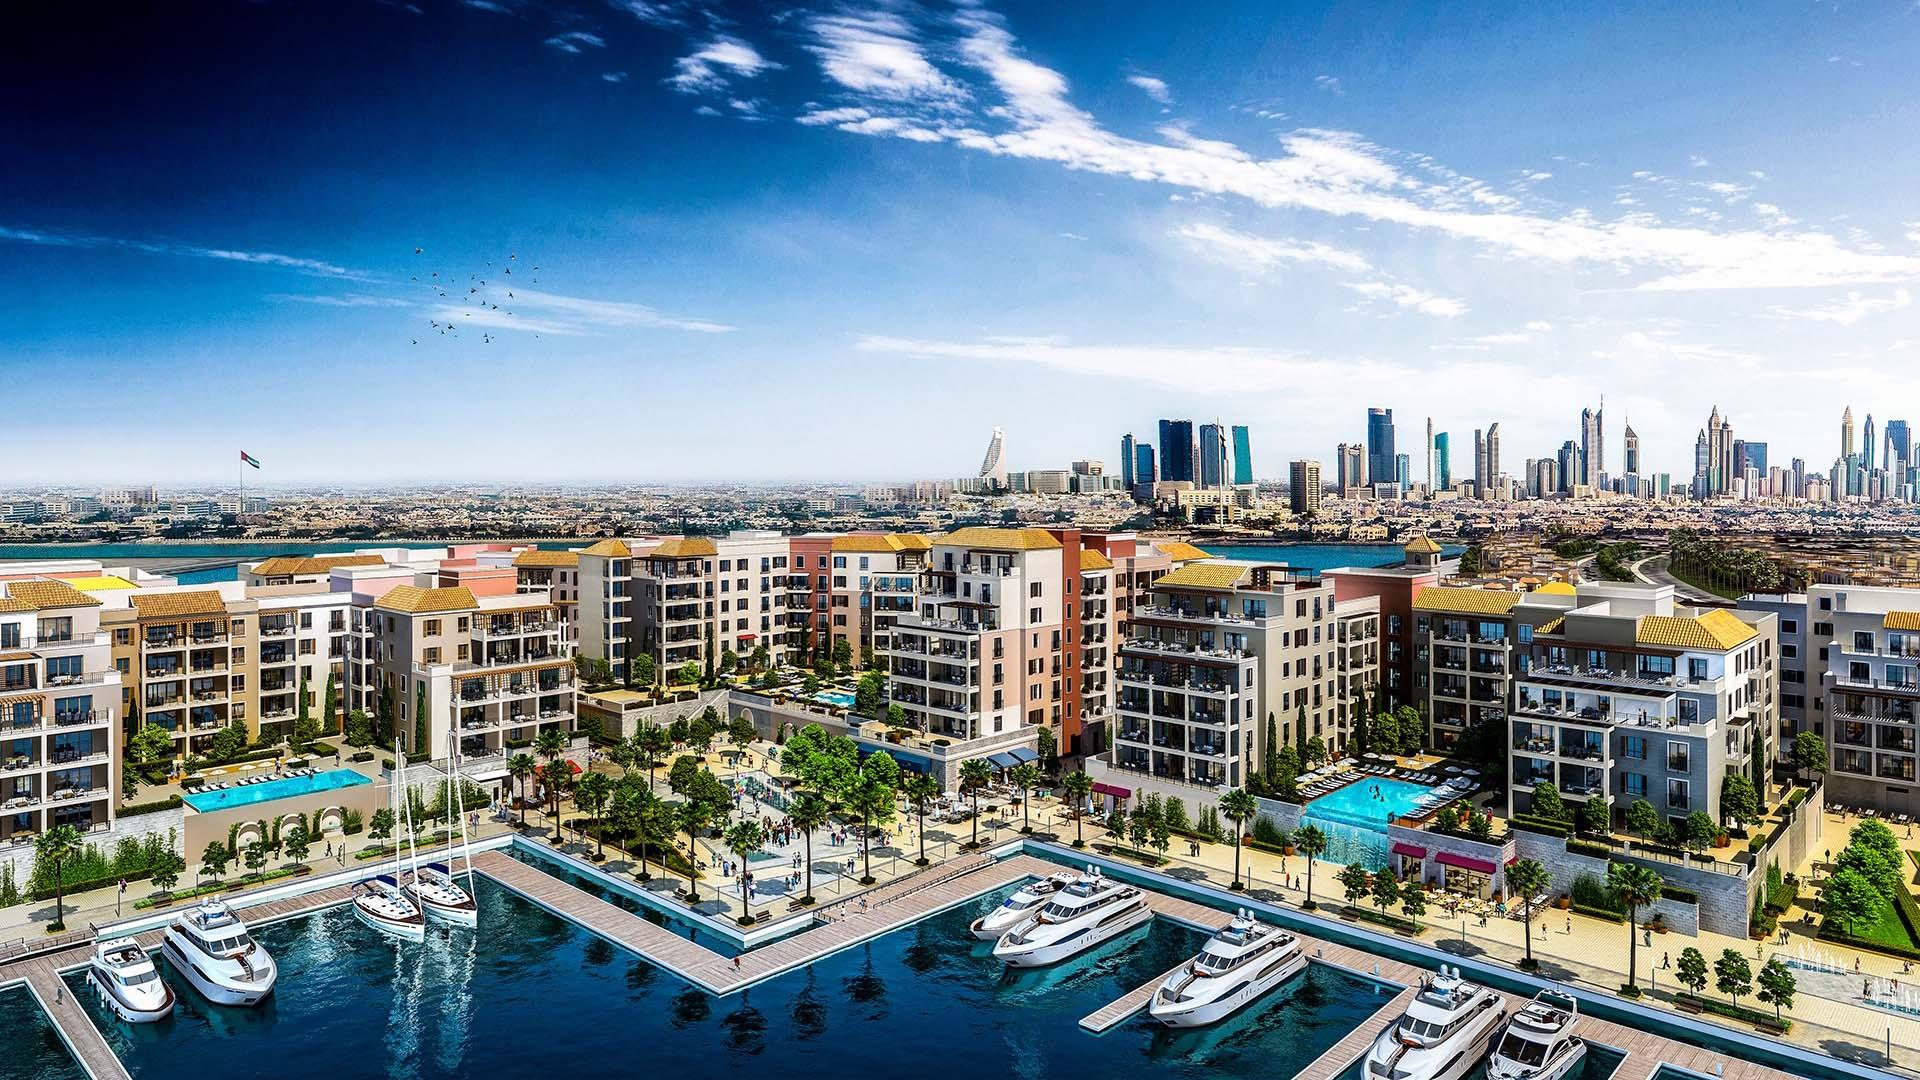 Apartamento en venta en Dubai, EAU, 2 dormitorios, 120 m2, № 23873 – foto 2